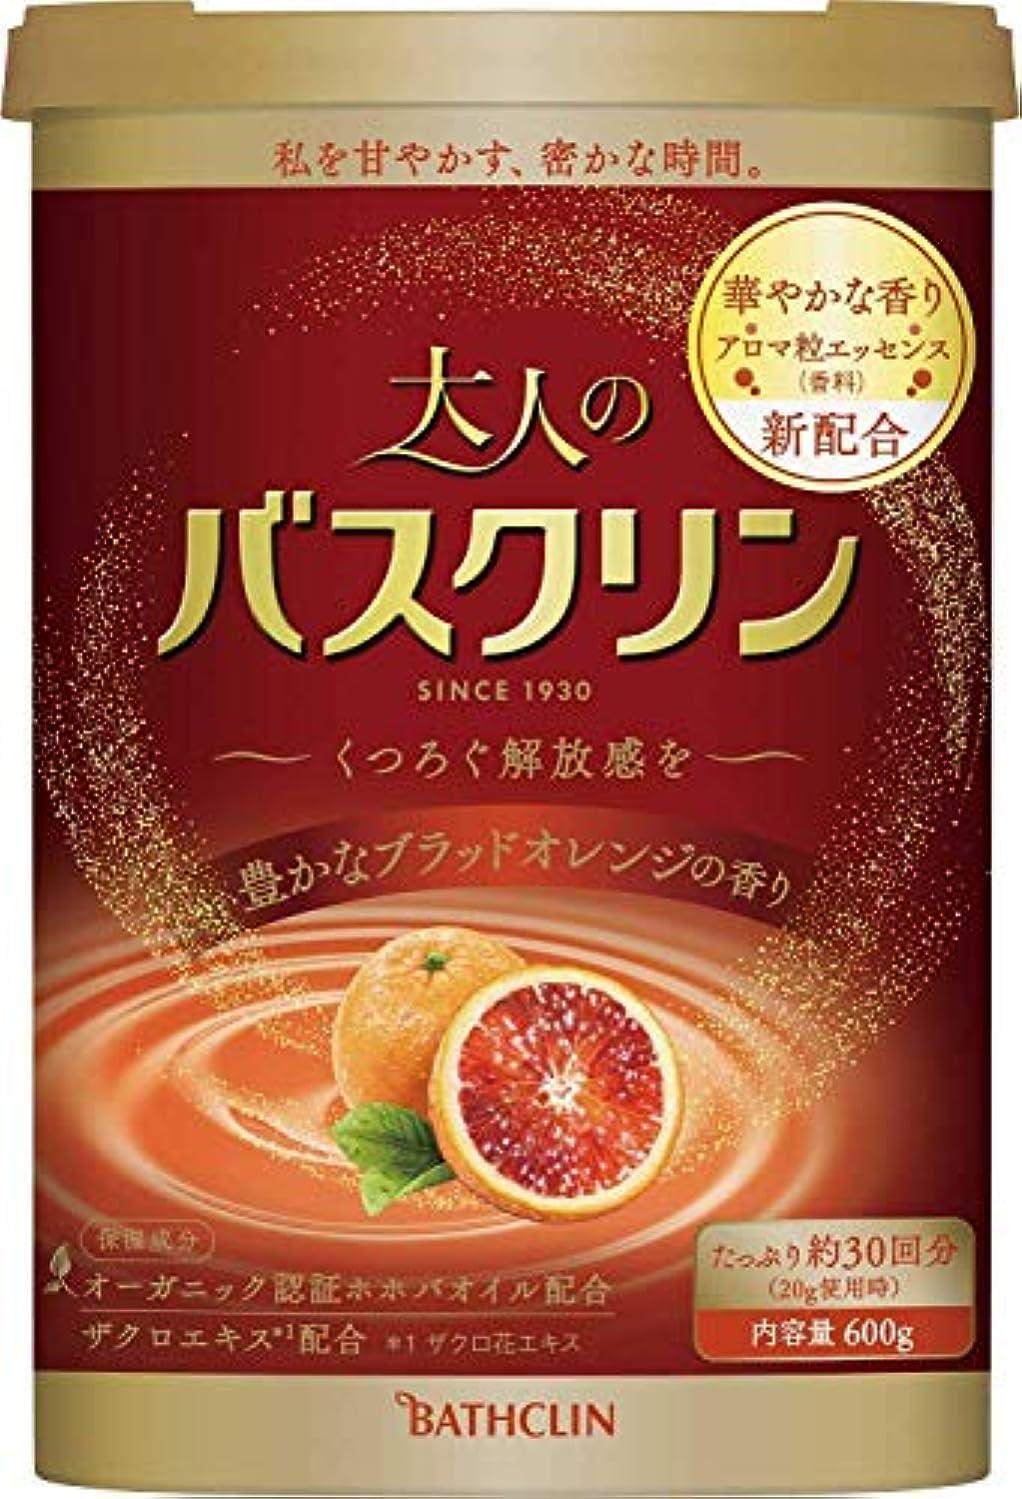 簡単に処方するほこりっぽい大人のバスクリン豊かなブラッドオレンジの香り600g入浴剤(約30回分)